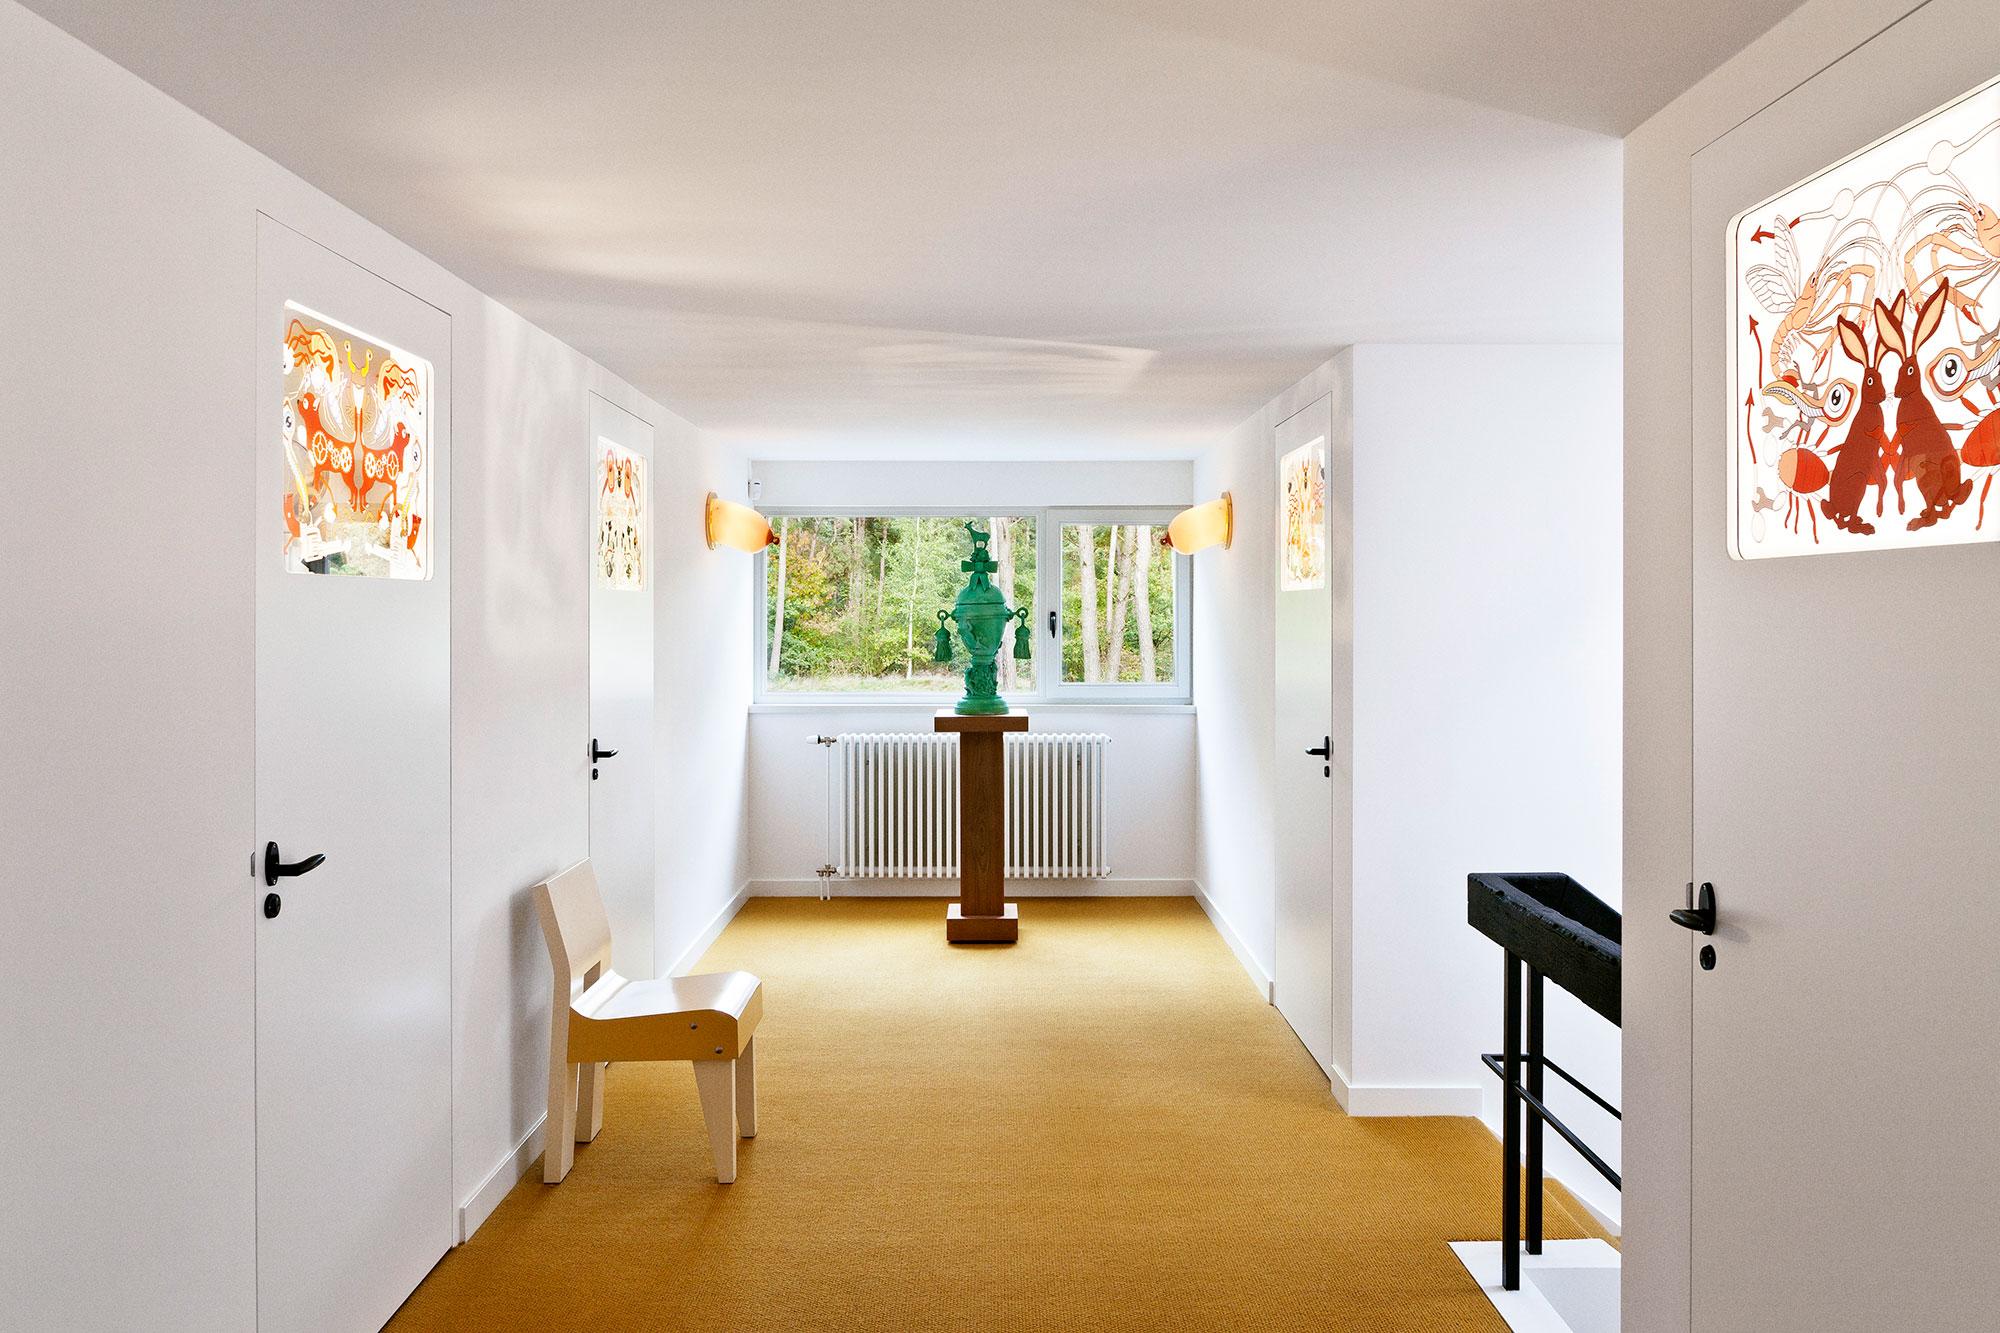 Studio-Job-House-floor1-corridor